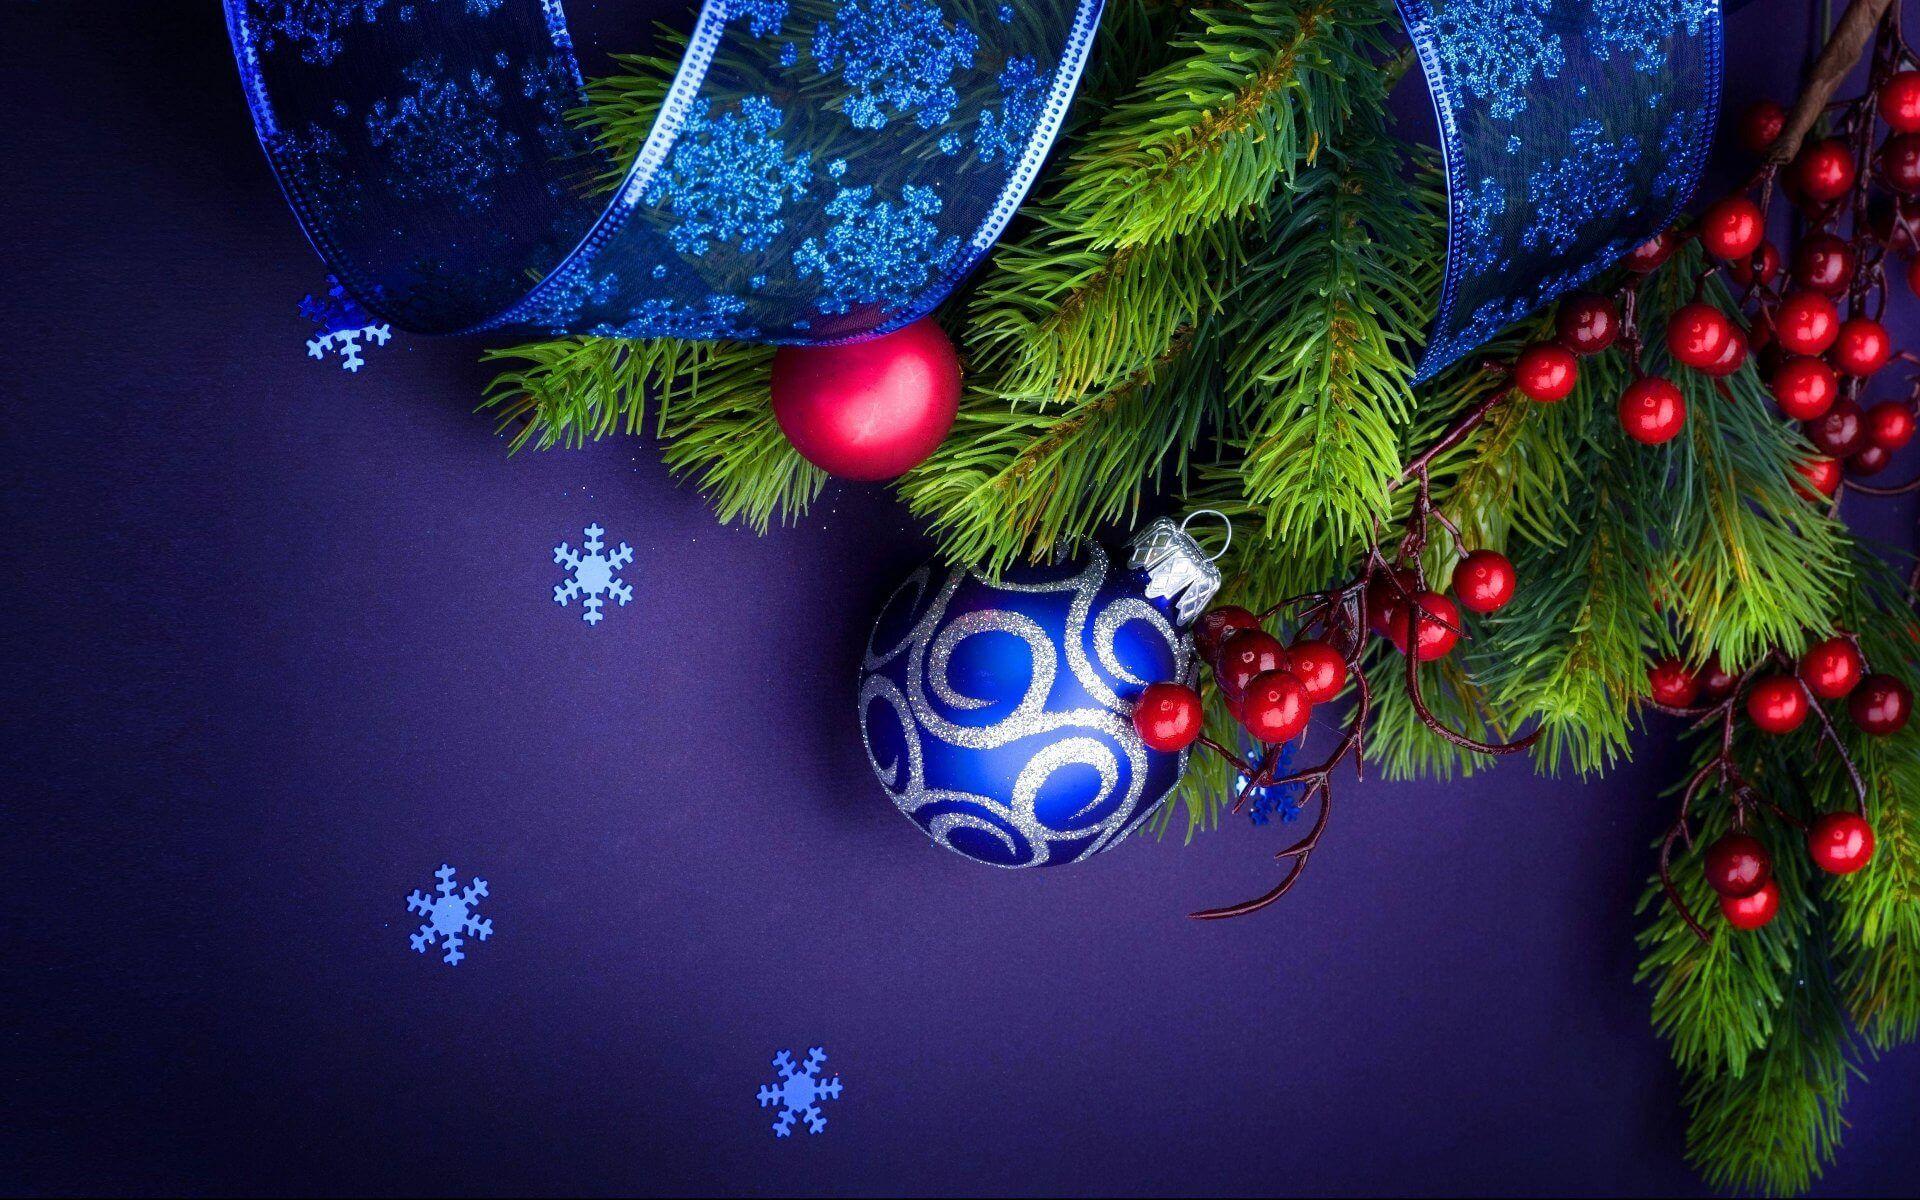 Fondos De Pantalla De Navidad Fondo De Pantalla Navidad Fondos De Navidad Gratis Mery Crismas